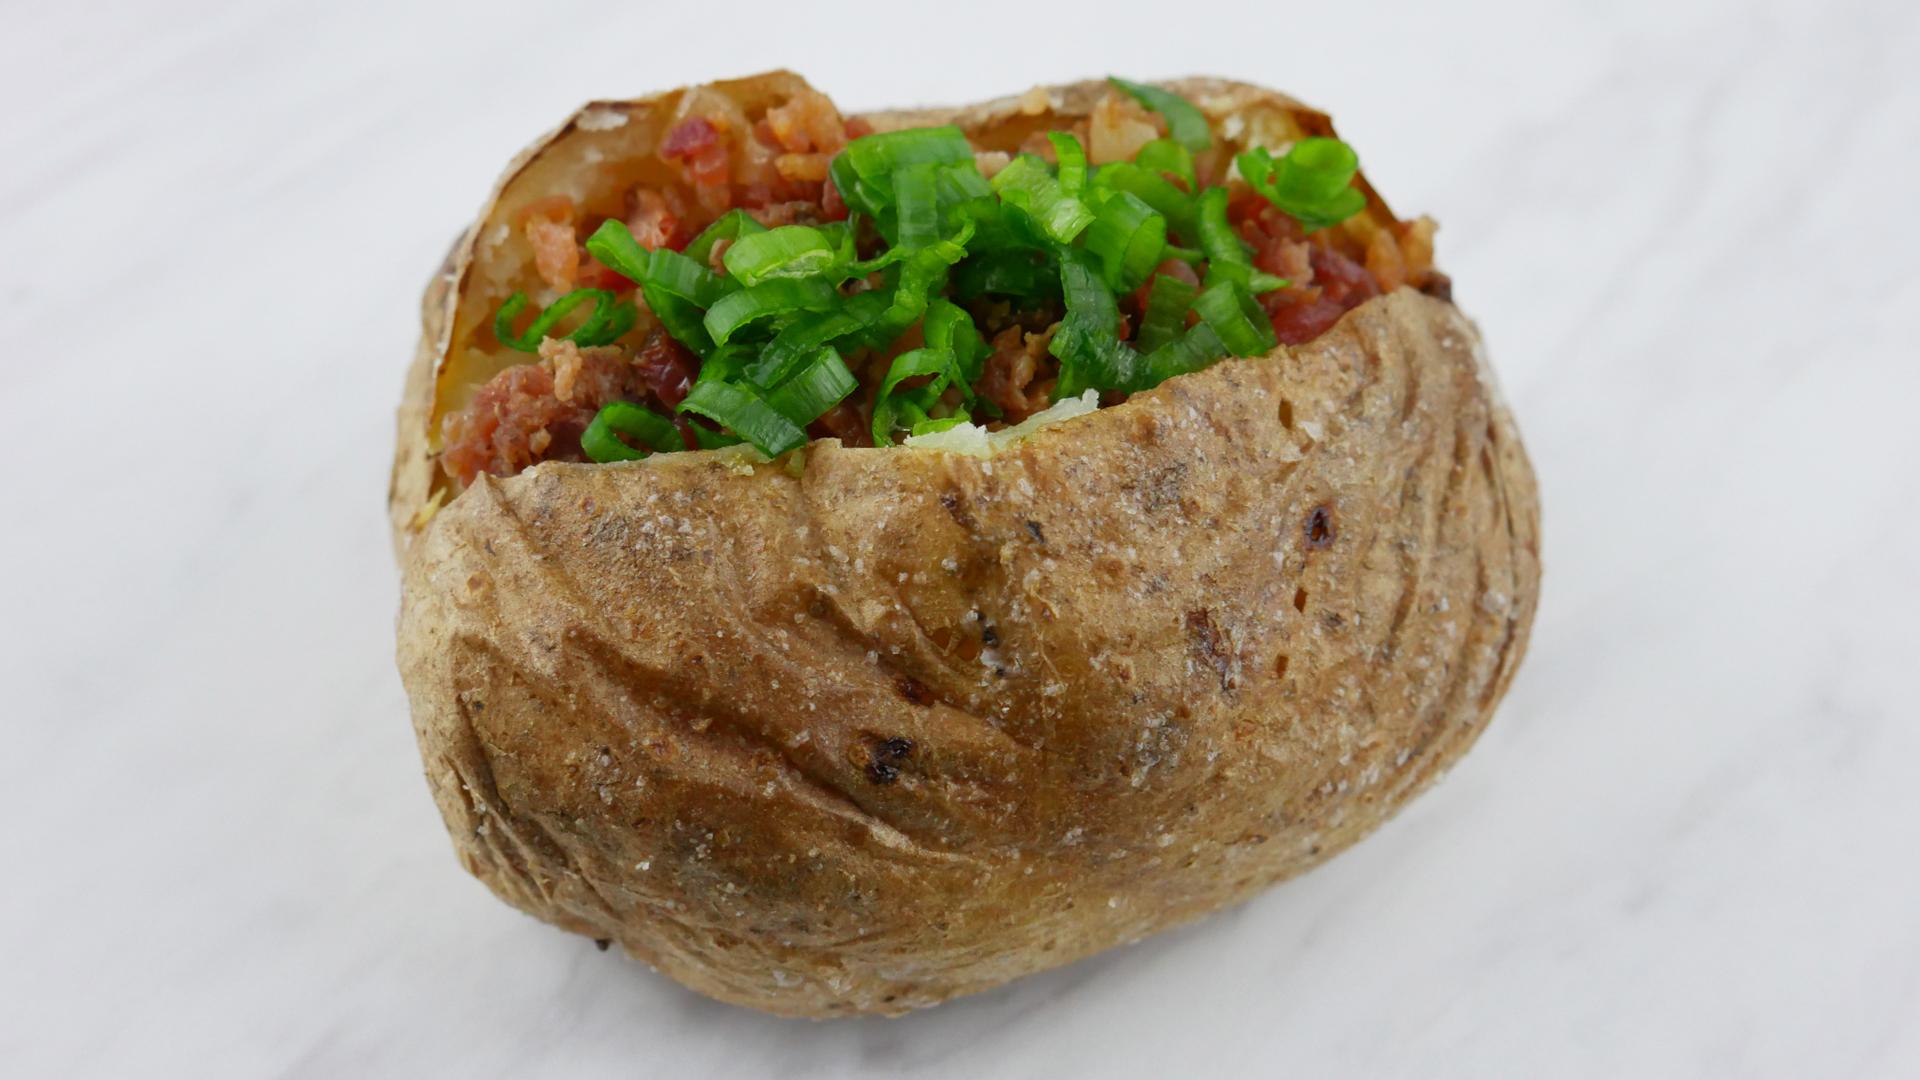 Batata Assada Recheada (Baked Potato)